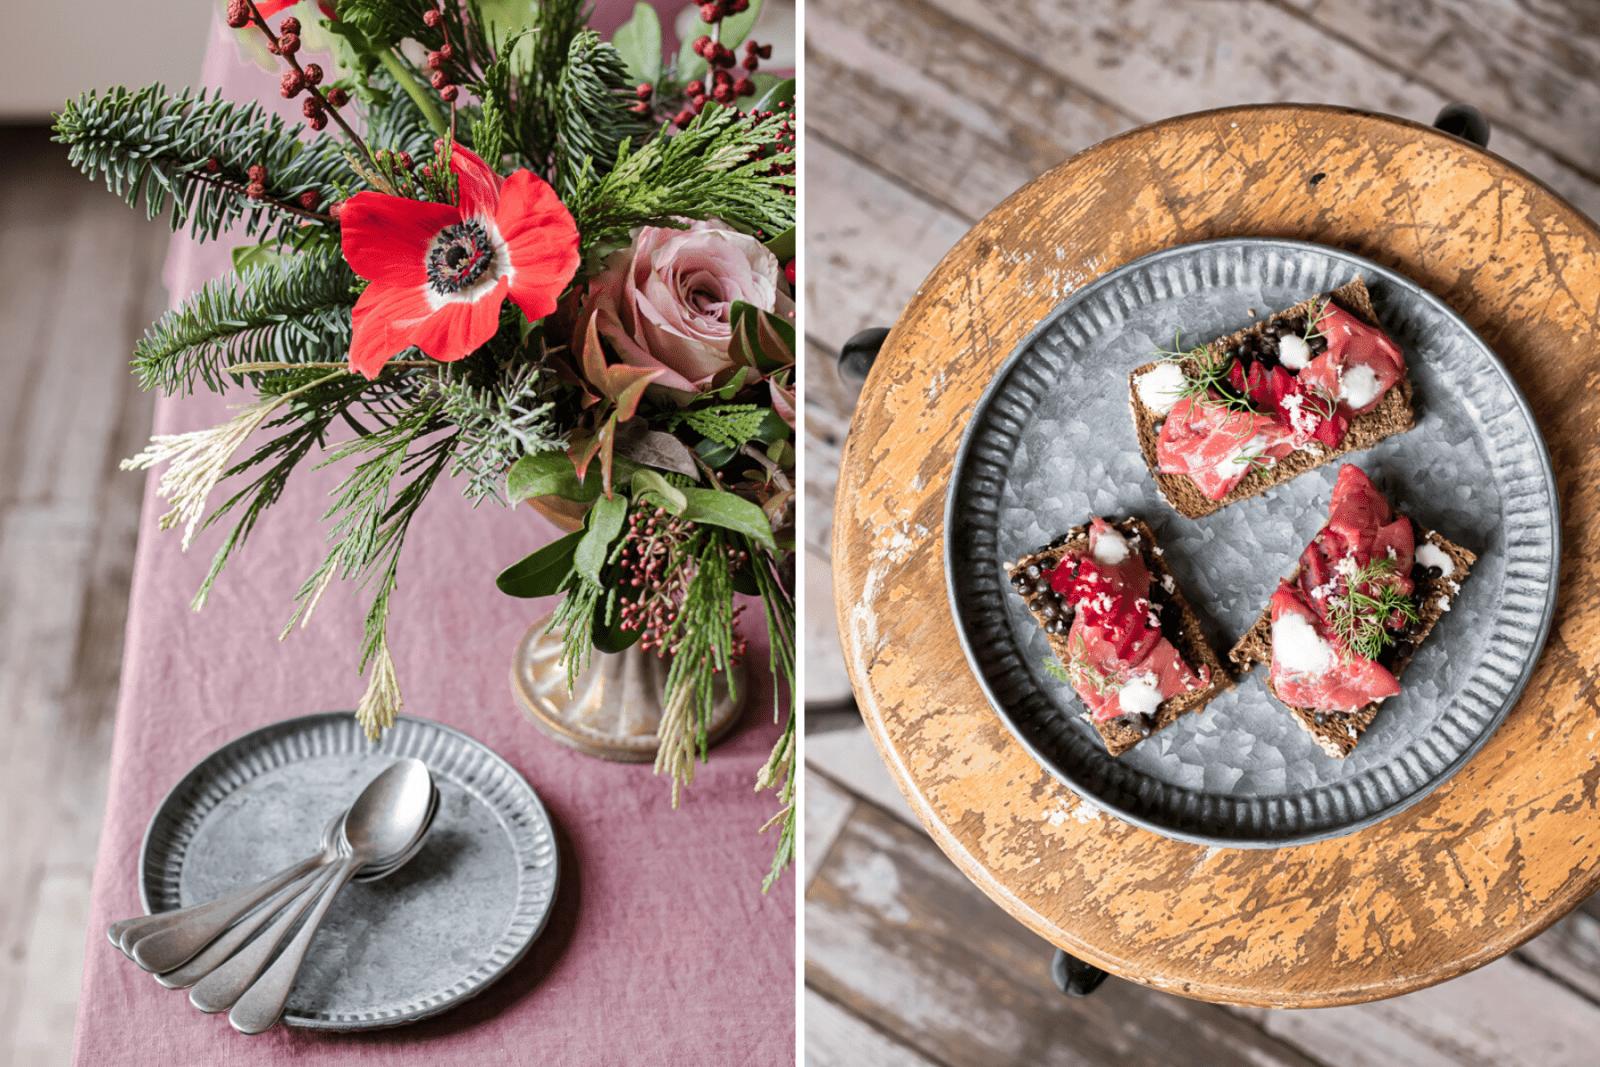 Piatto zincato con tartine di pane nero, e piatto zincato su tovaglia borgogna con vaso di fiori